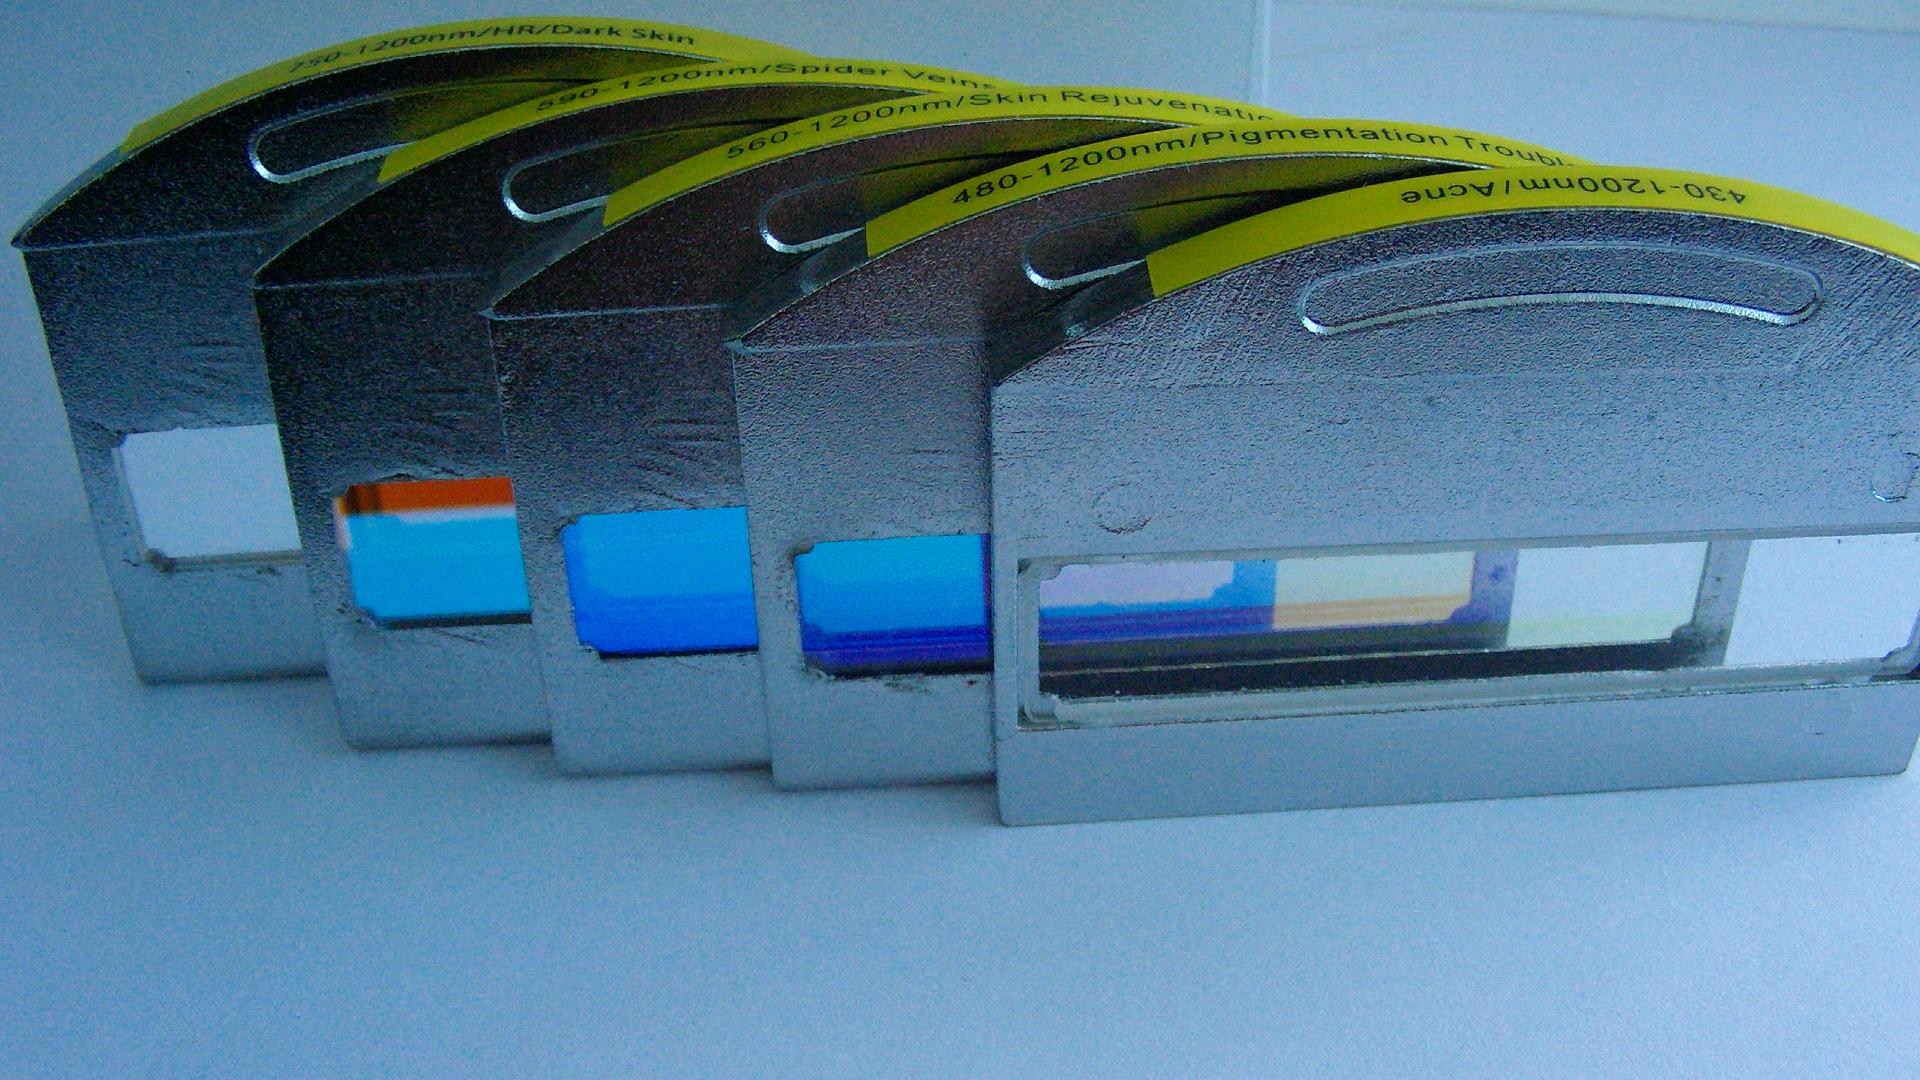 lp560nm高通滤光片,美容波片,医疗仪器专用滤光片图片